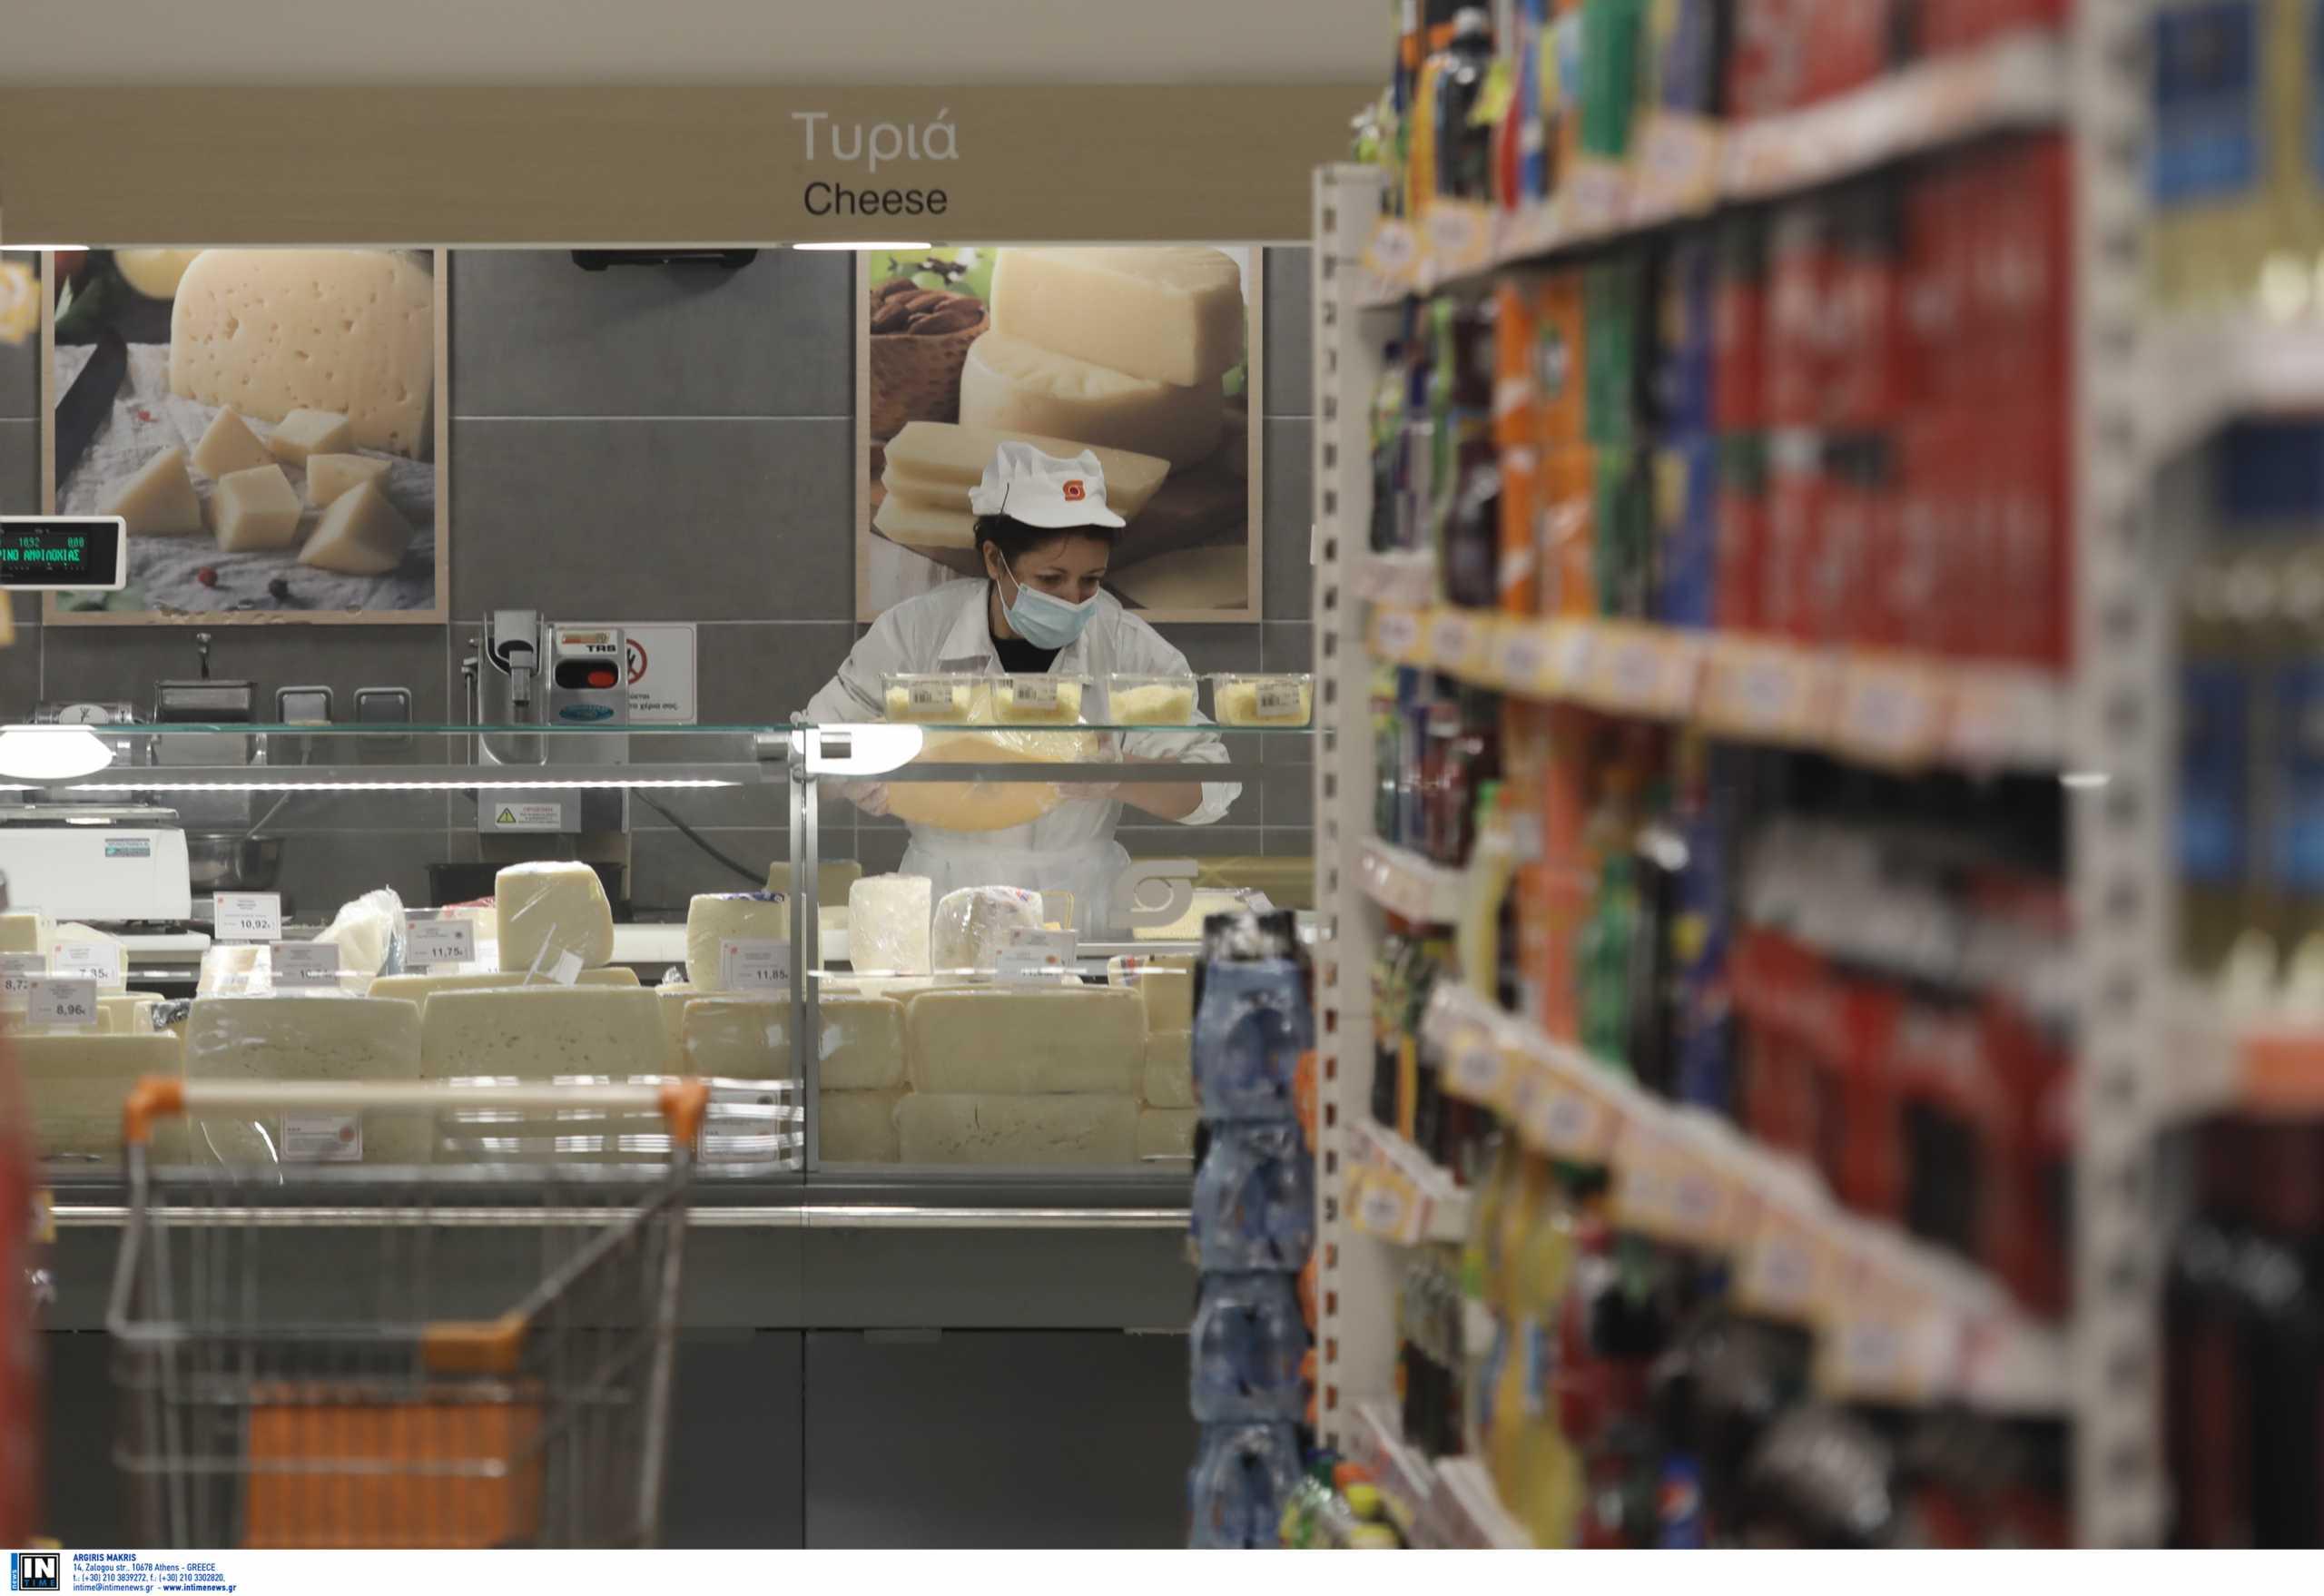 Αλλάζει το ωράριο λειτουργίας σε σούπερ μάρκετ και φούρνους – Η πρόβλεψη για τη διανομή self test